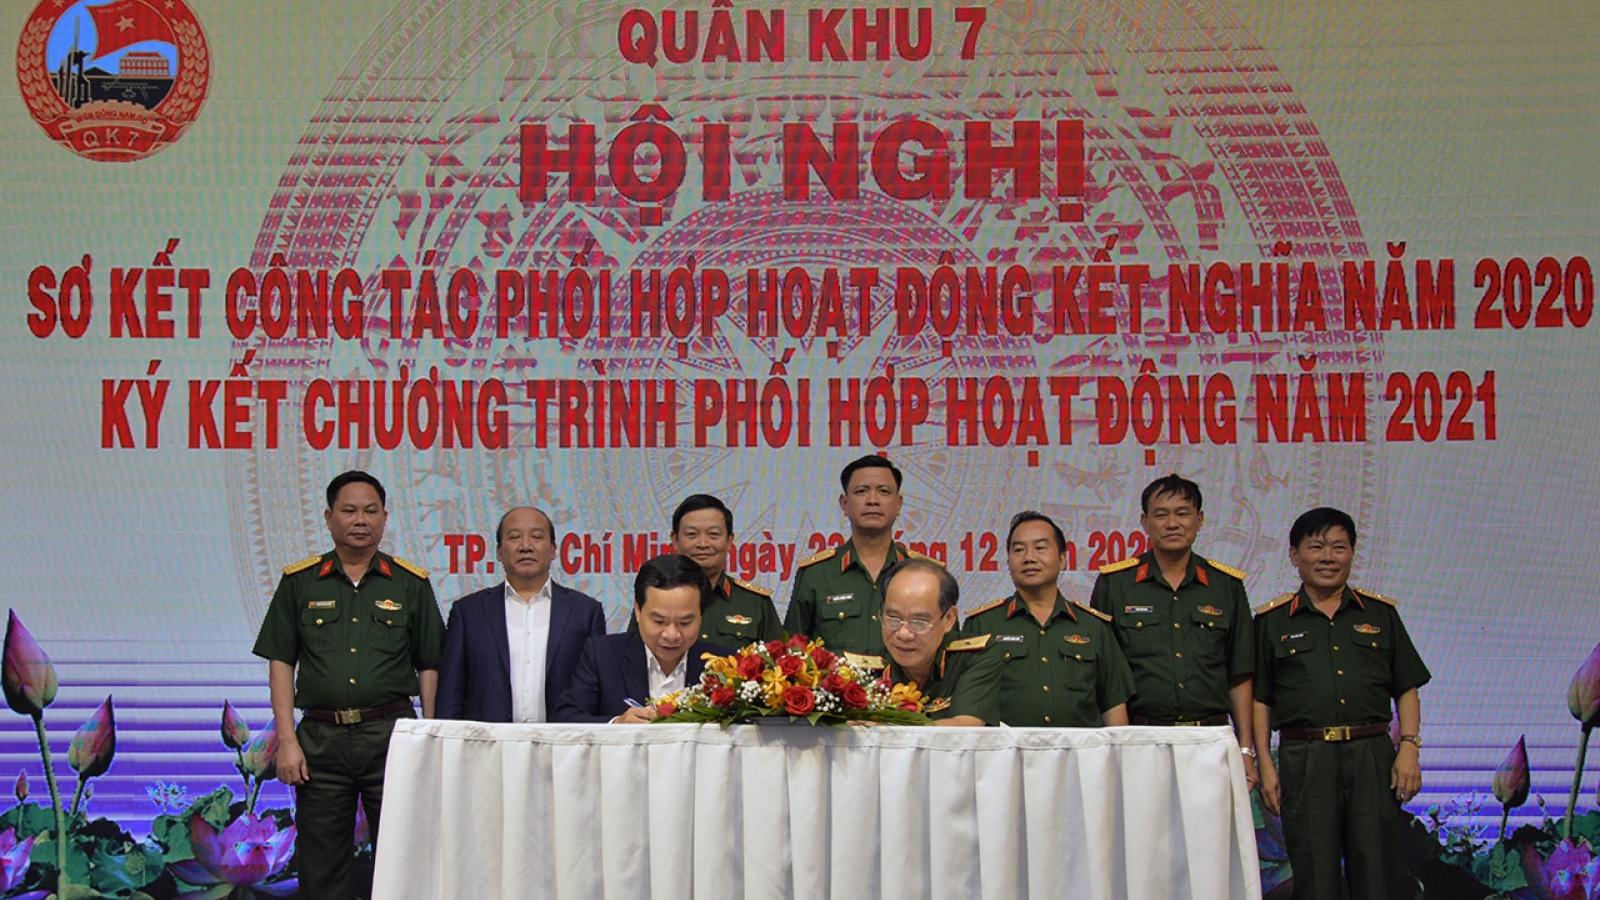 Quân khu 7 sơ kết hoạt động kết nghĩa với Đài Tiếng nói Việt Nam và các đơn vị khác